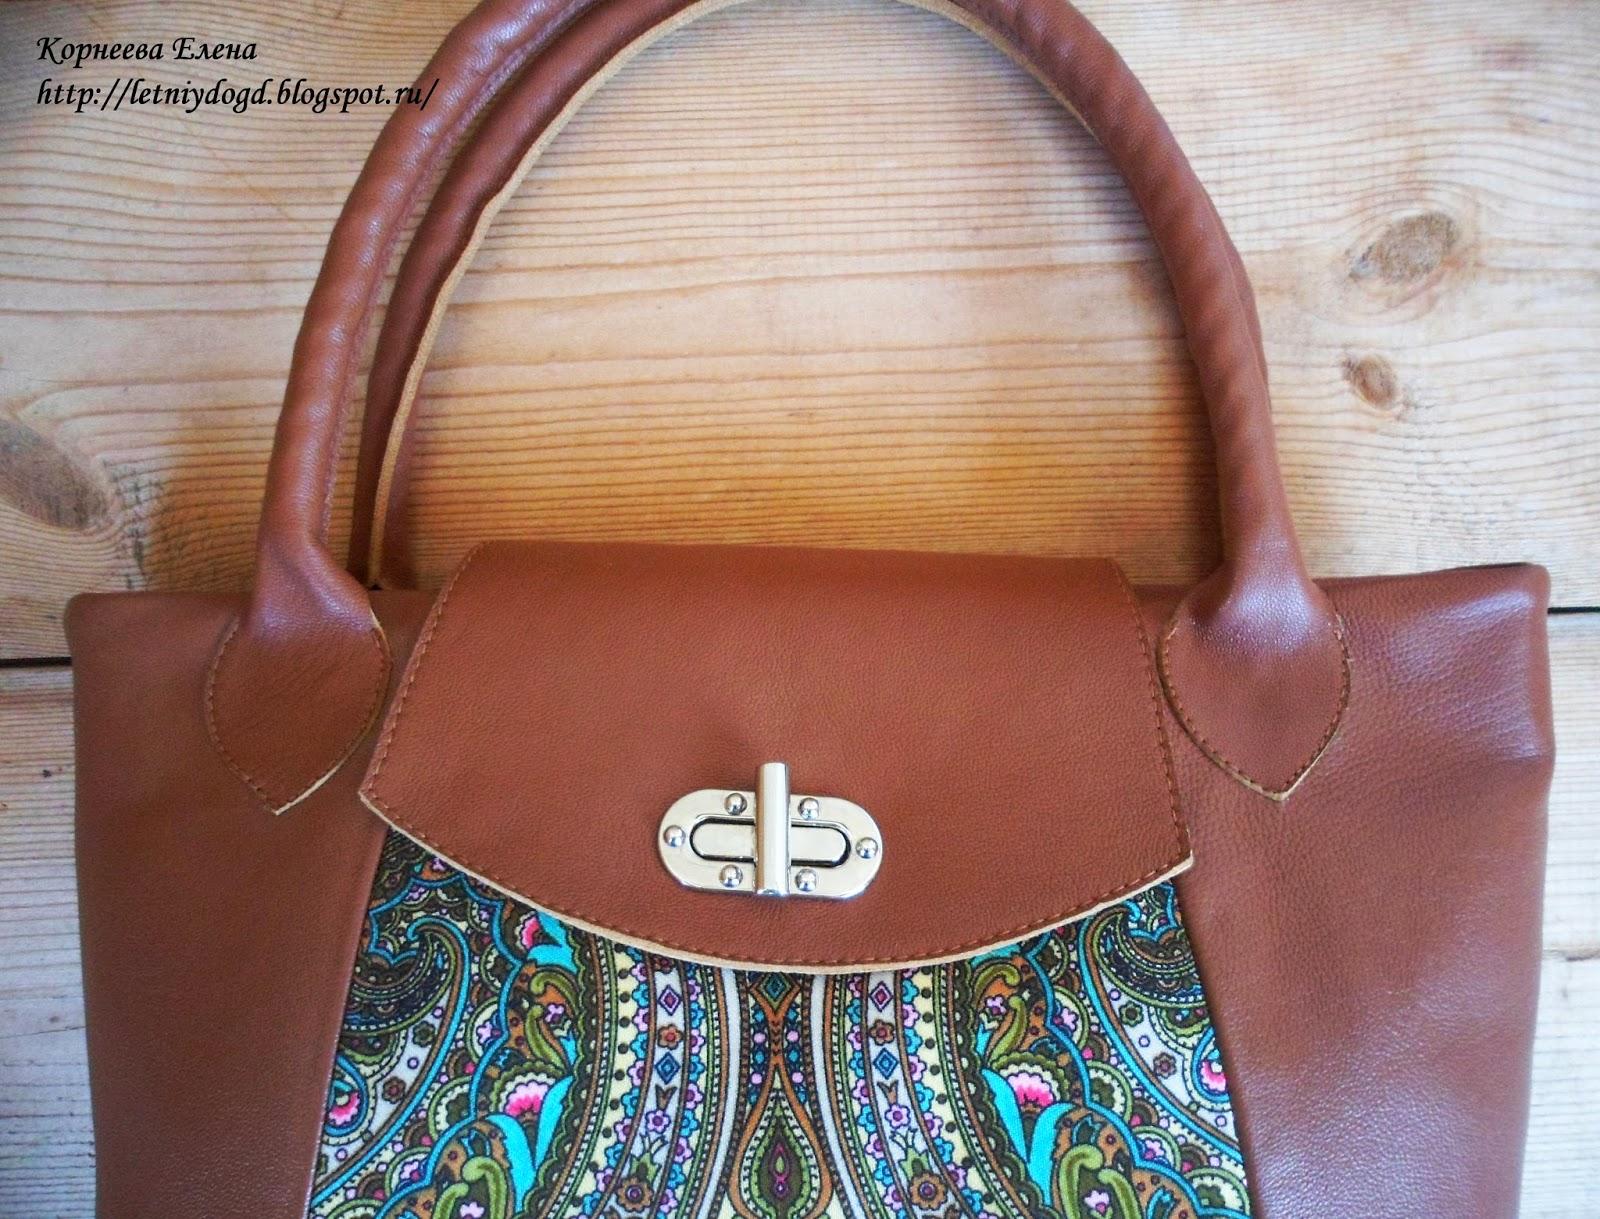 кожаная женская сумка с поворотным замком